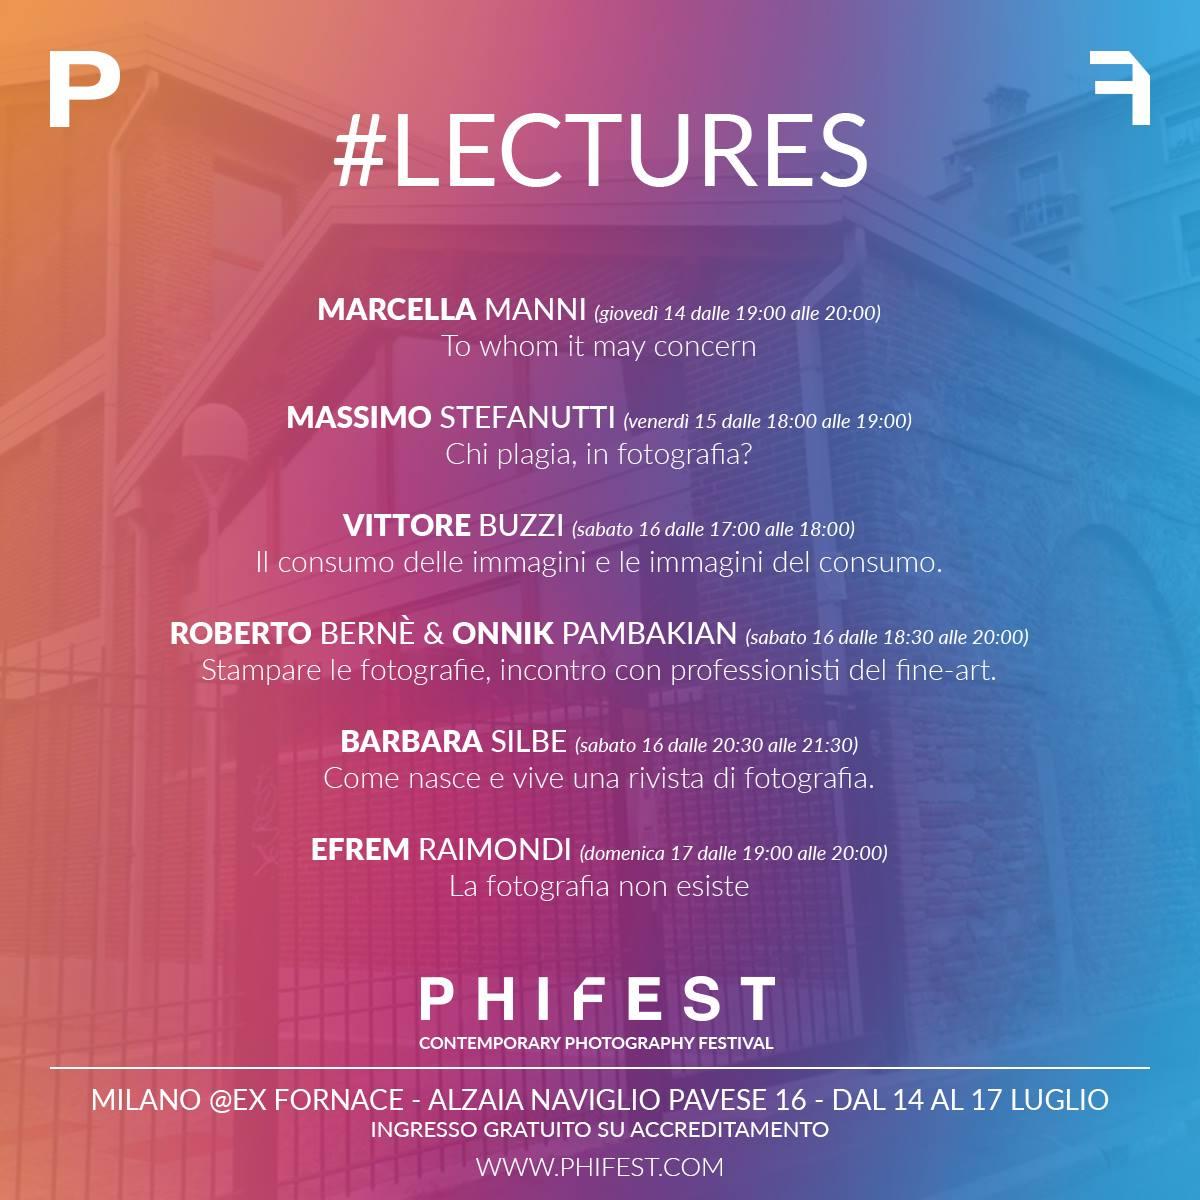 phifest_4